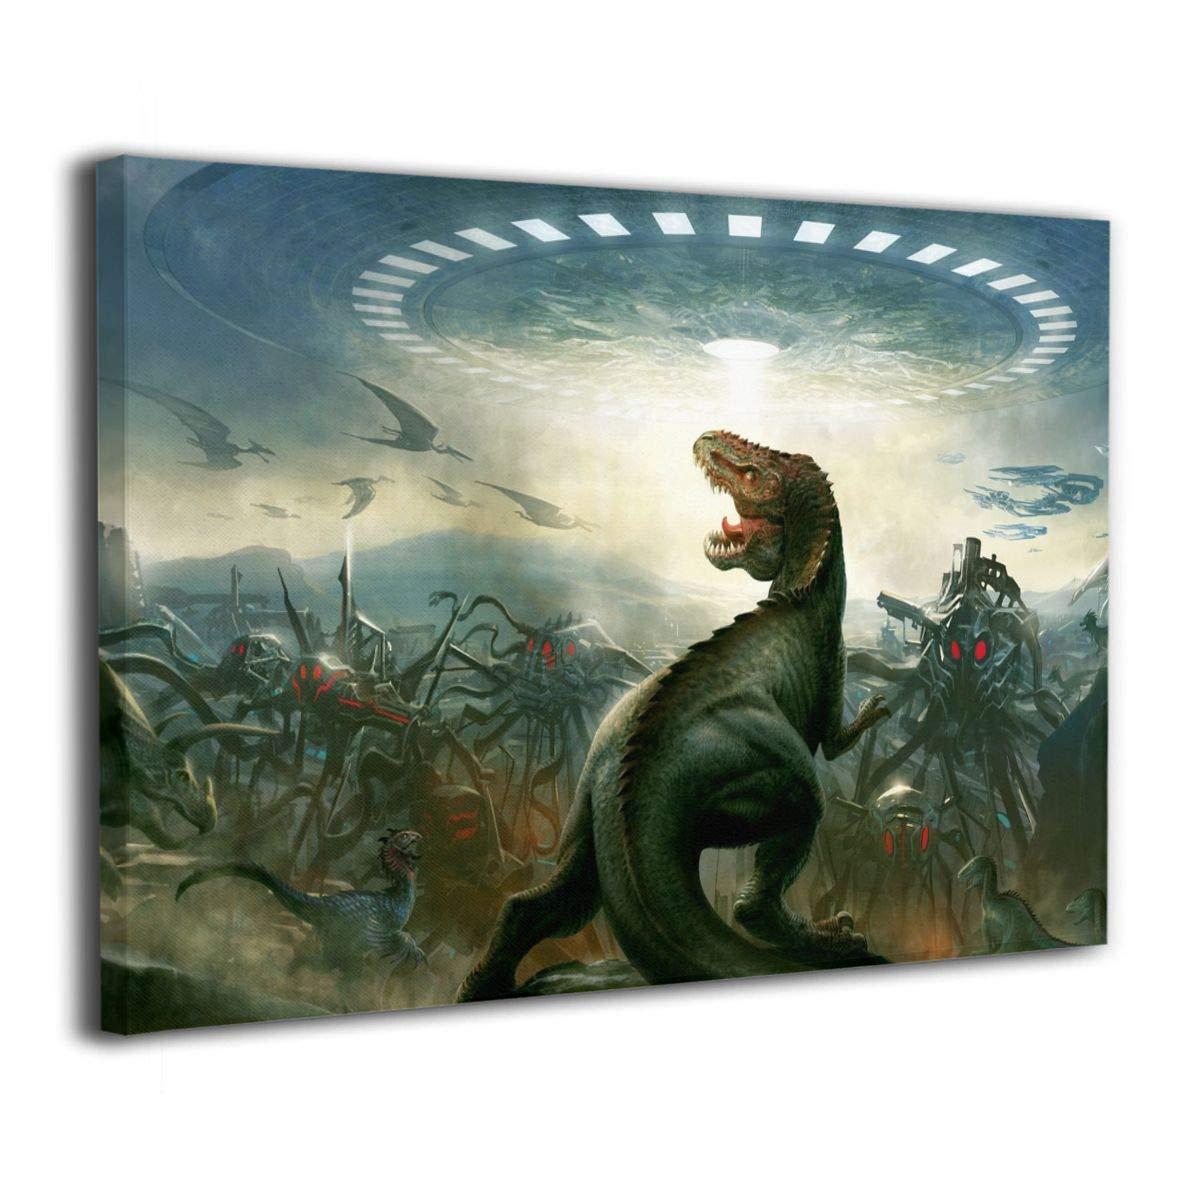 Amazon Com Lqz Paint Dinosaurs Vs Aliens Canvas Painting Home Decor